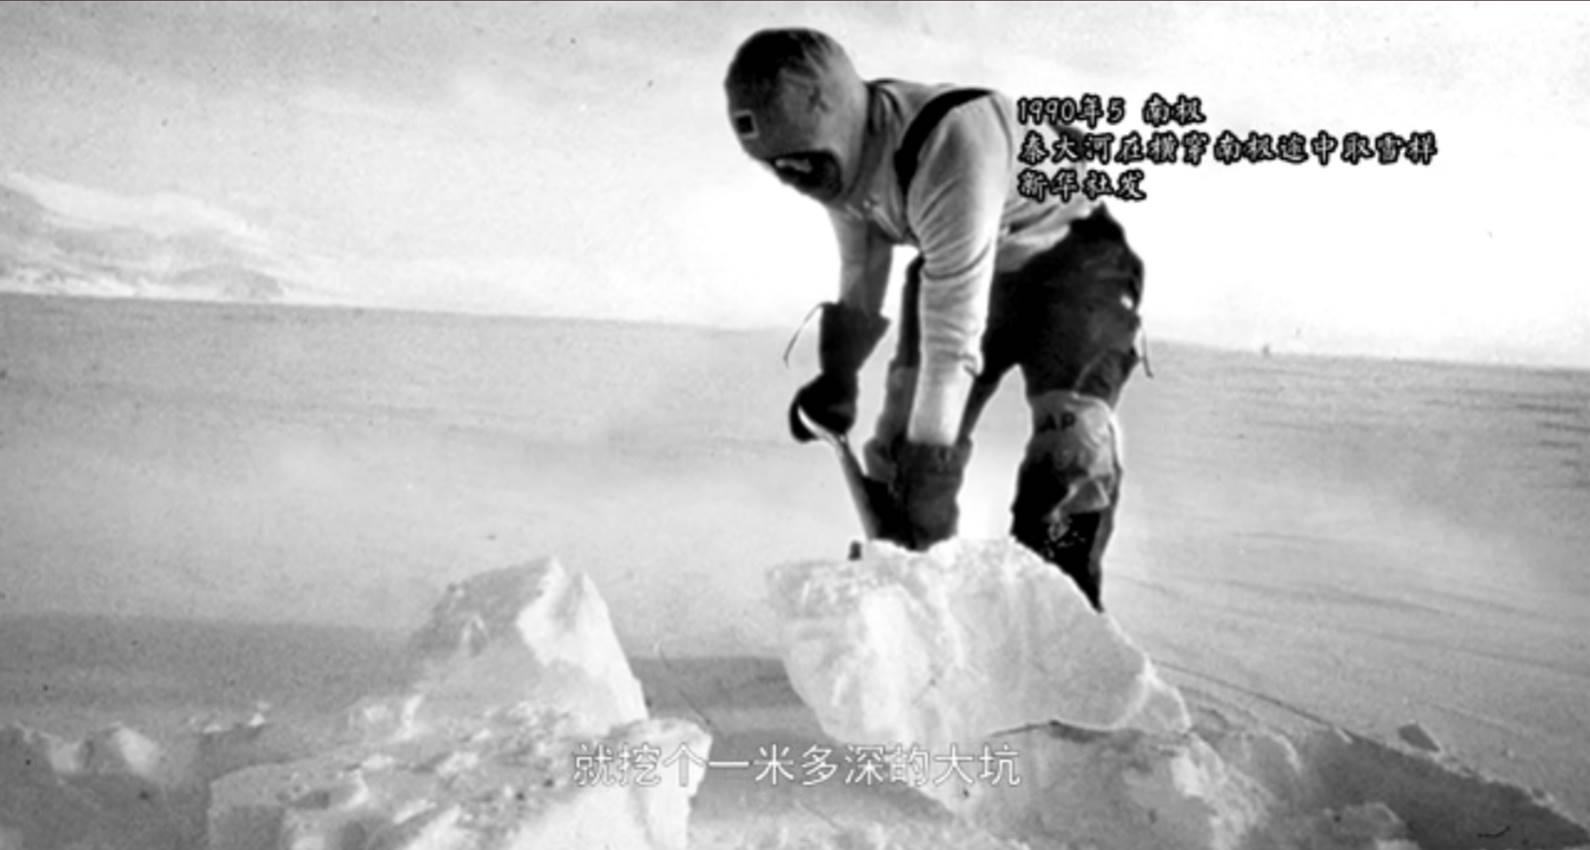 冰川5.jpg